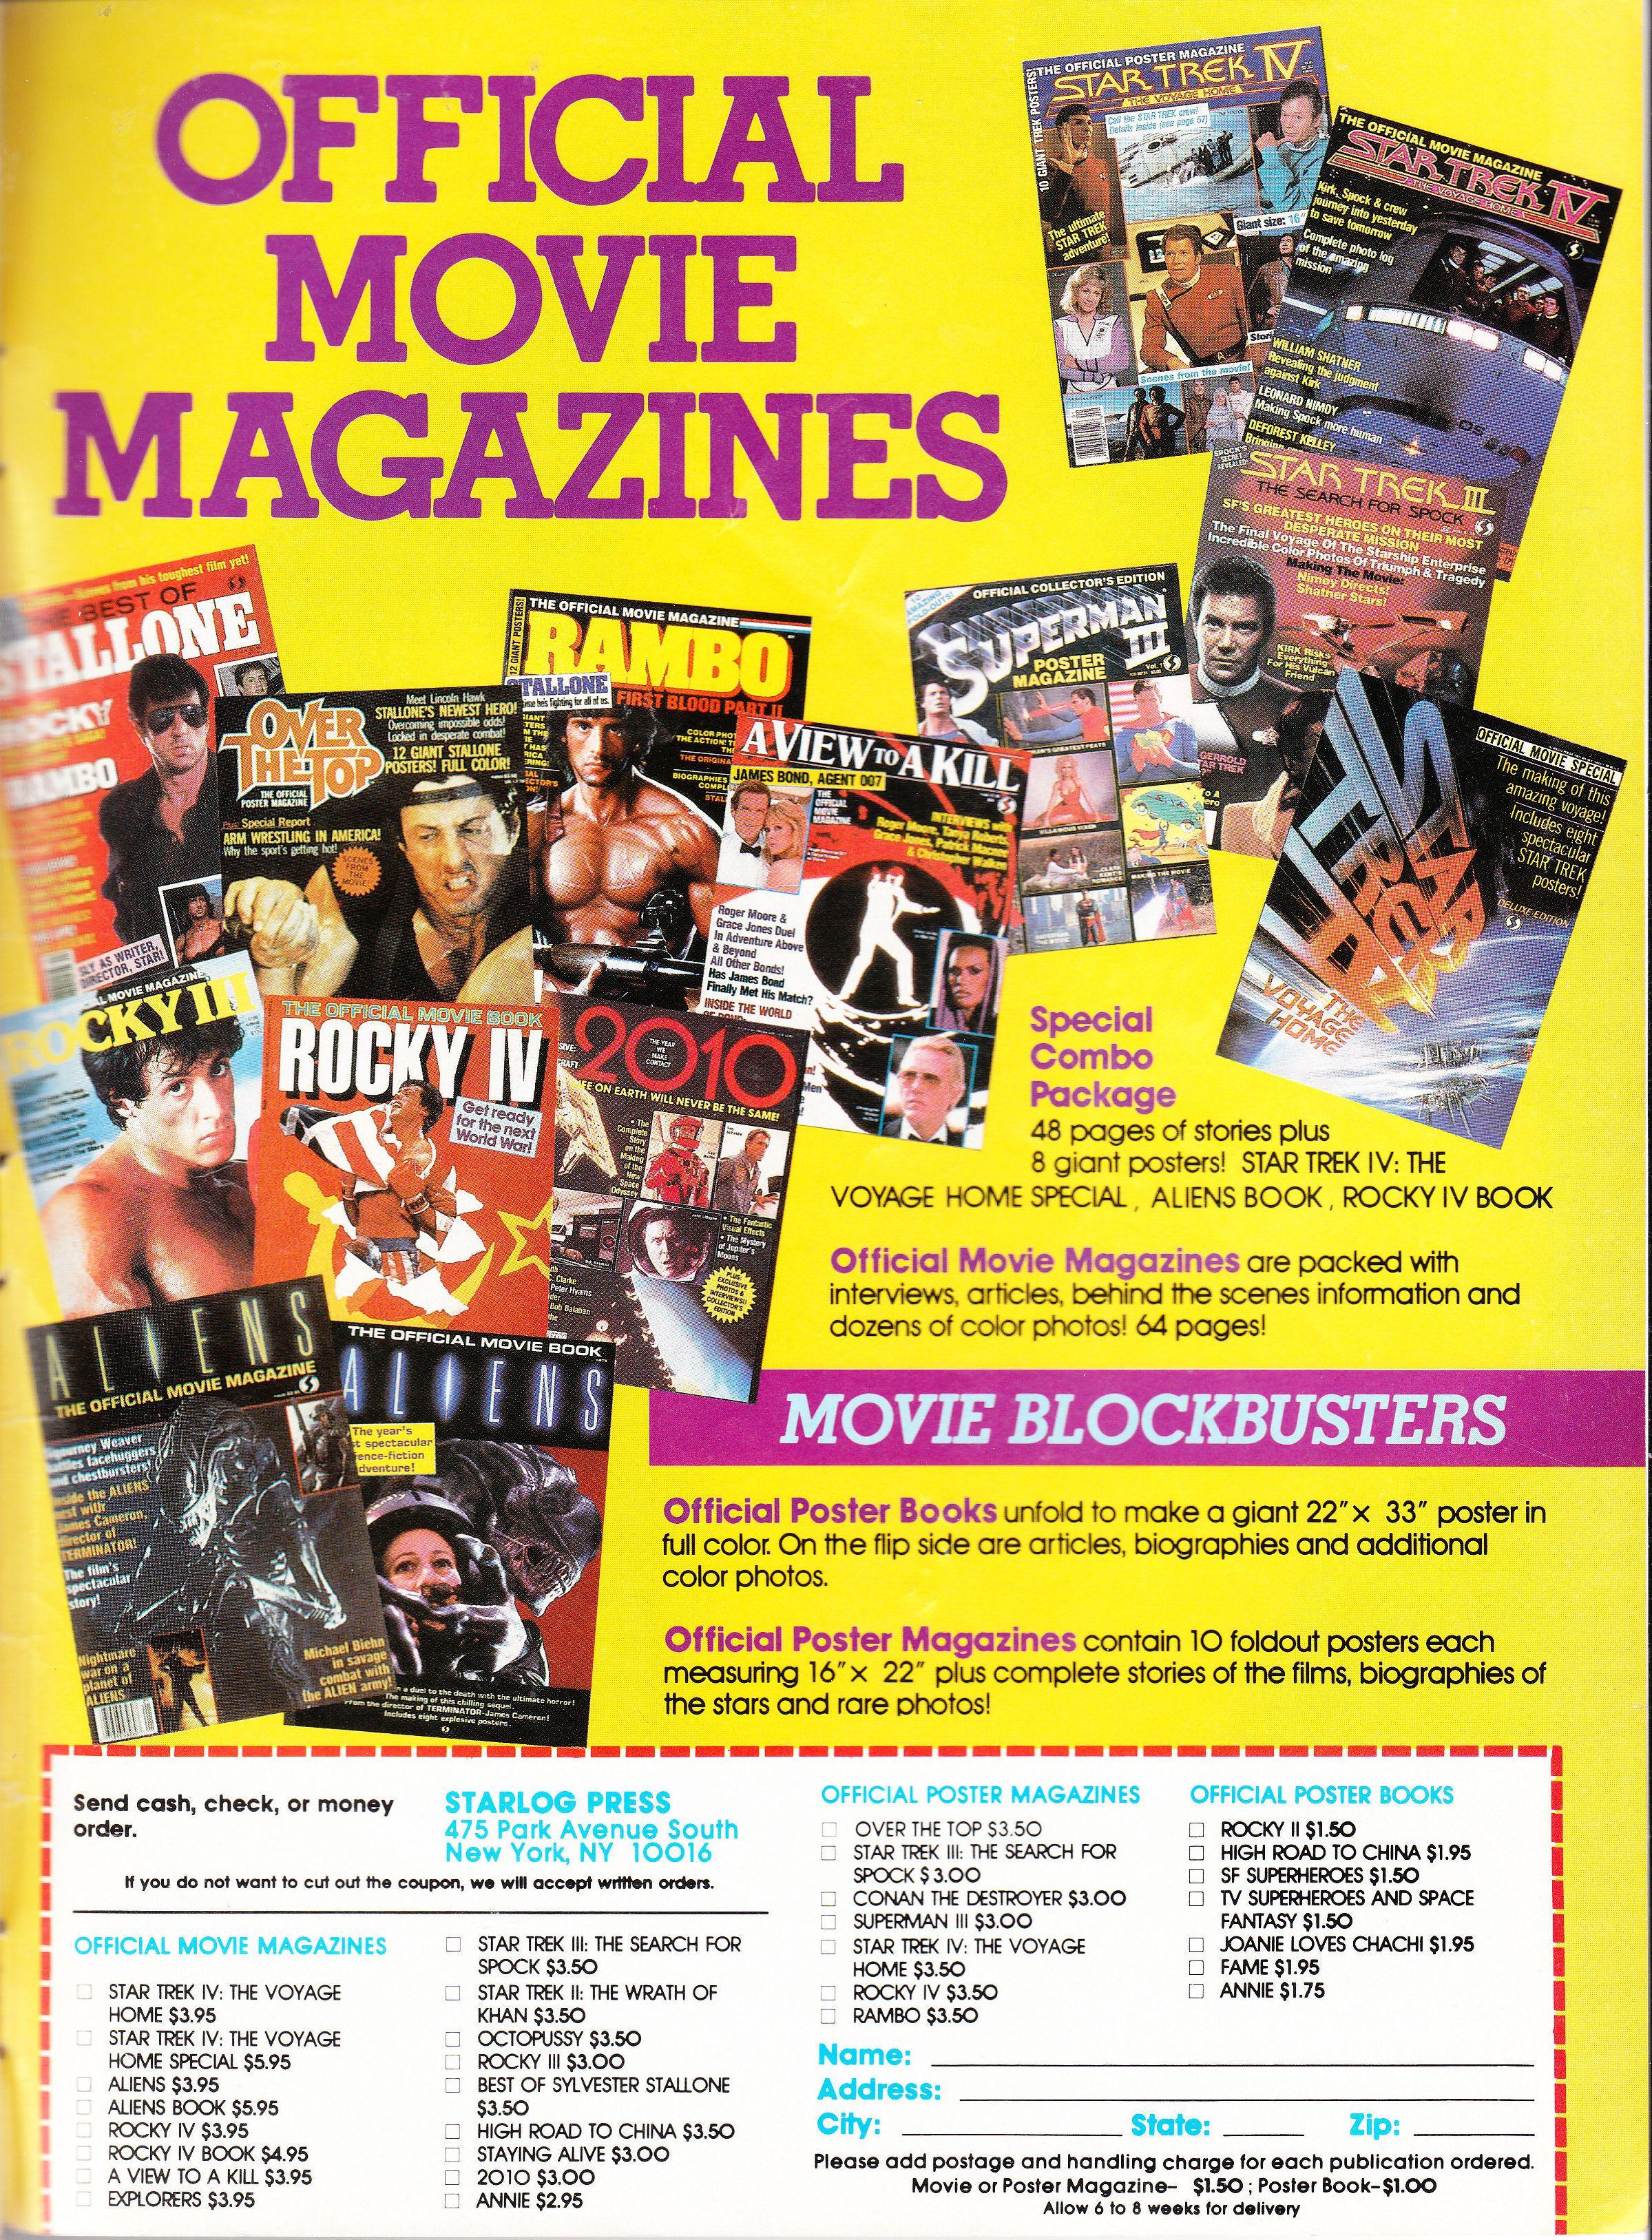 Movie mag ad 2